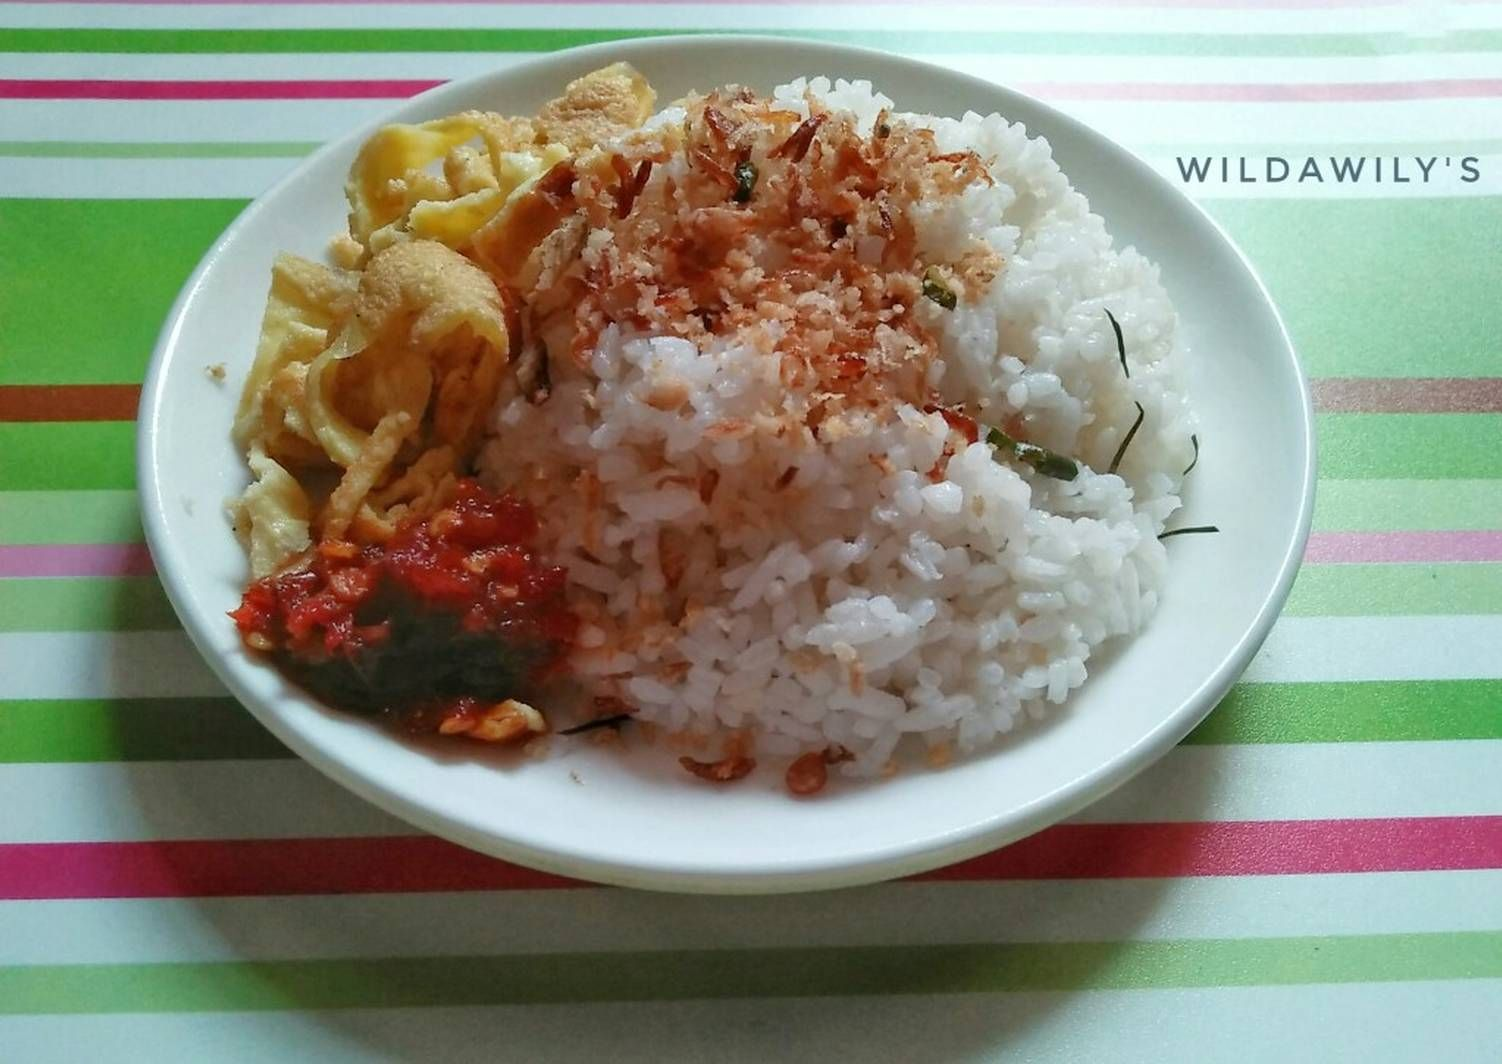 Resep Nasi Gurih Daun Jeruk Pr Bukannasibiasa Oleh Wilda Wily Resep Resep Makanan Resep Makanan Dan Minuman